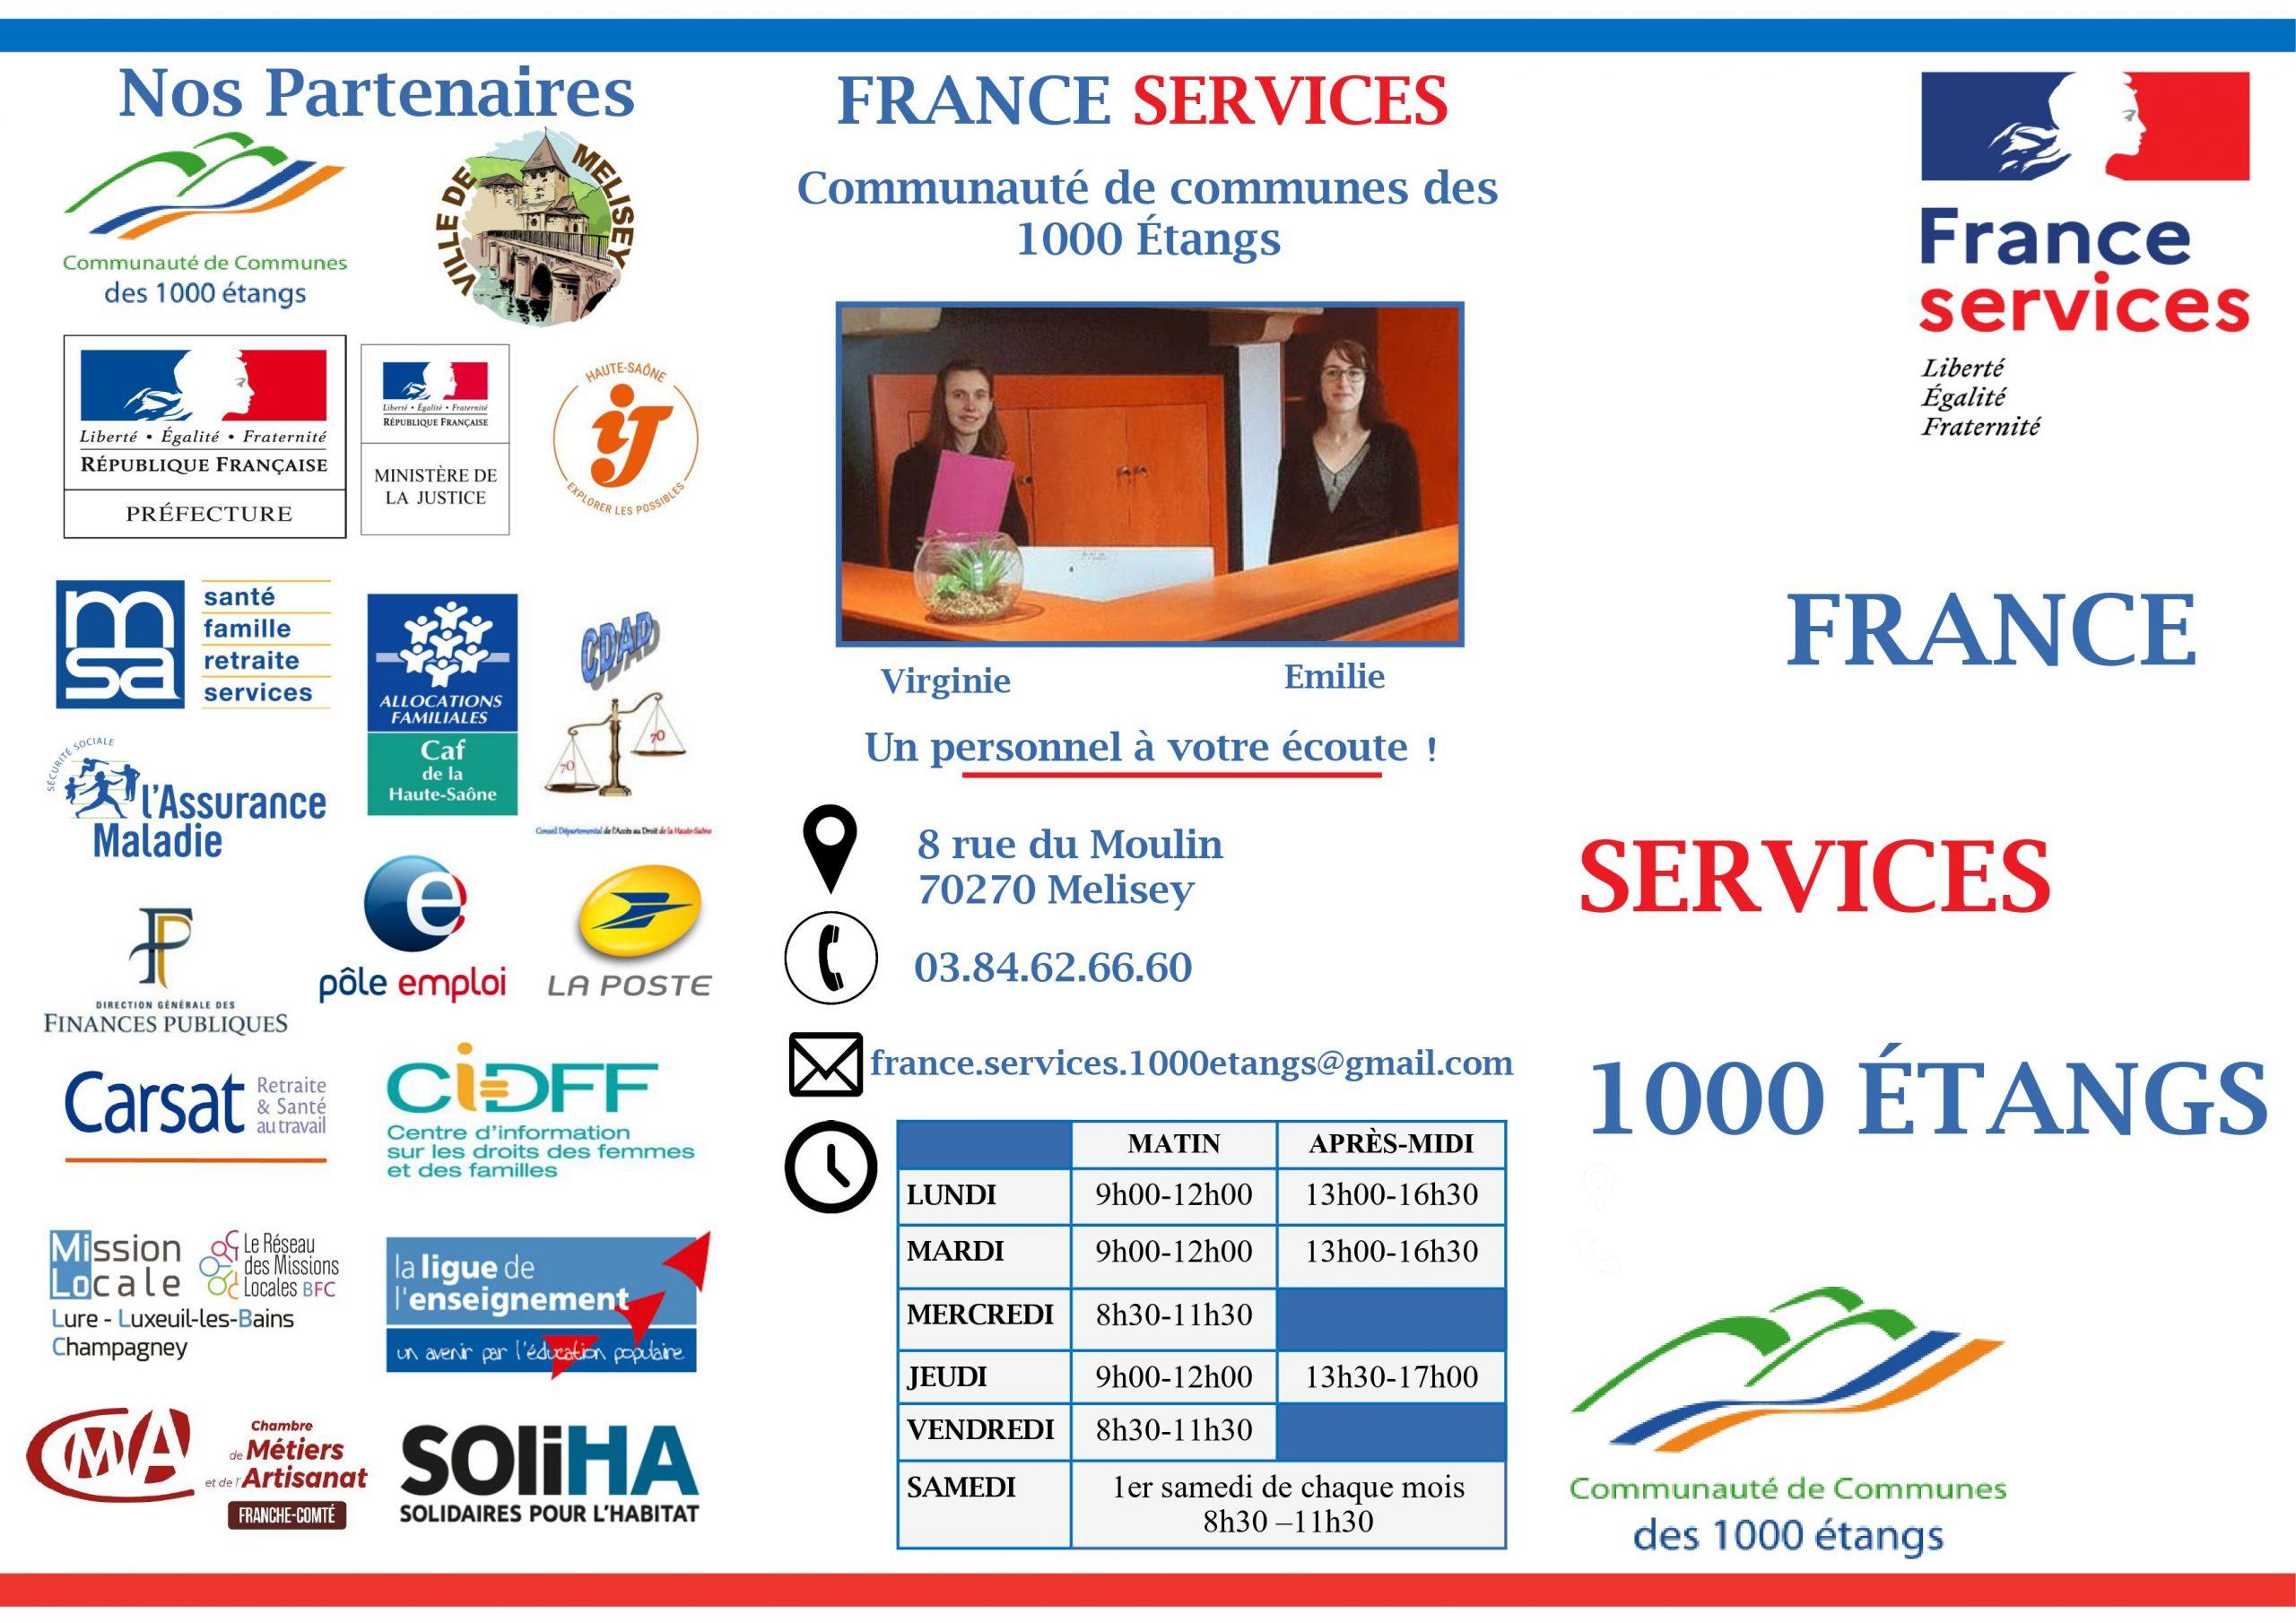 Dépliant maison france services